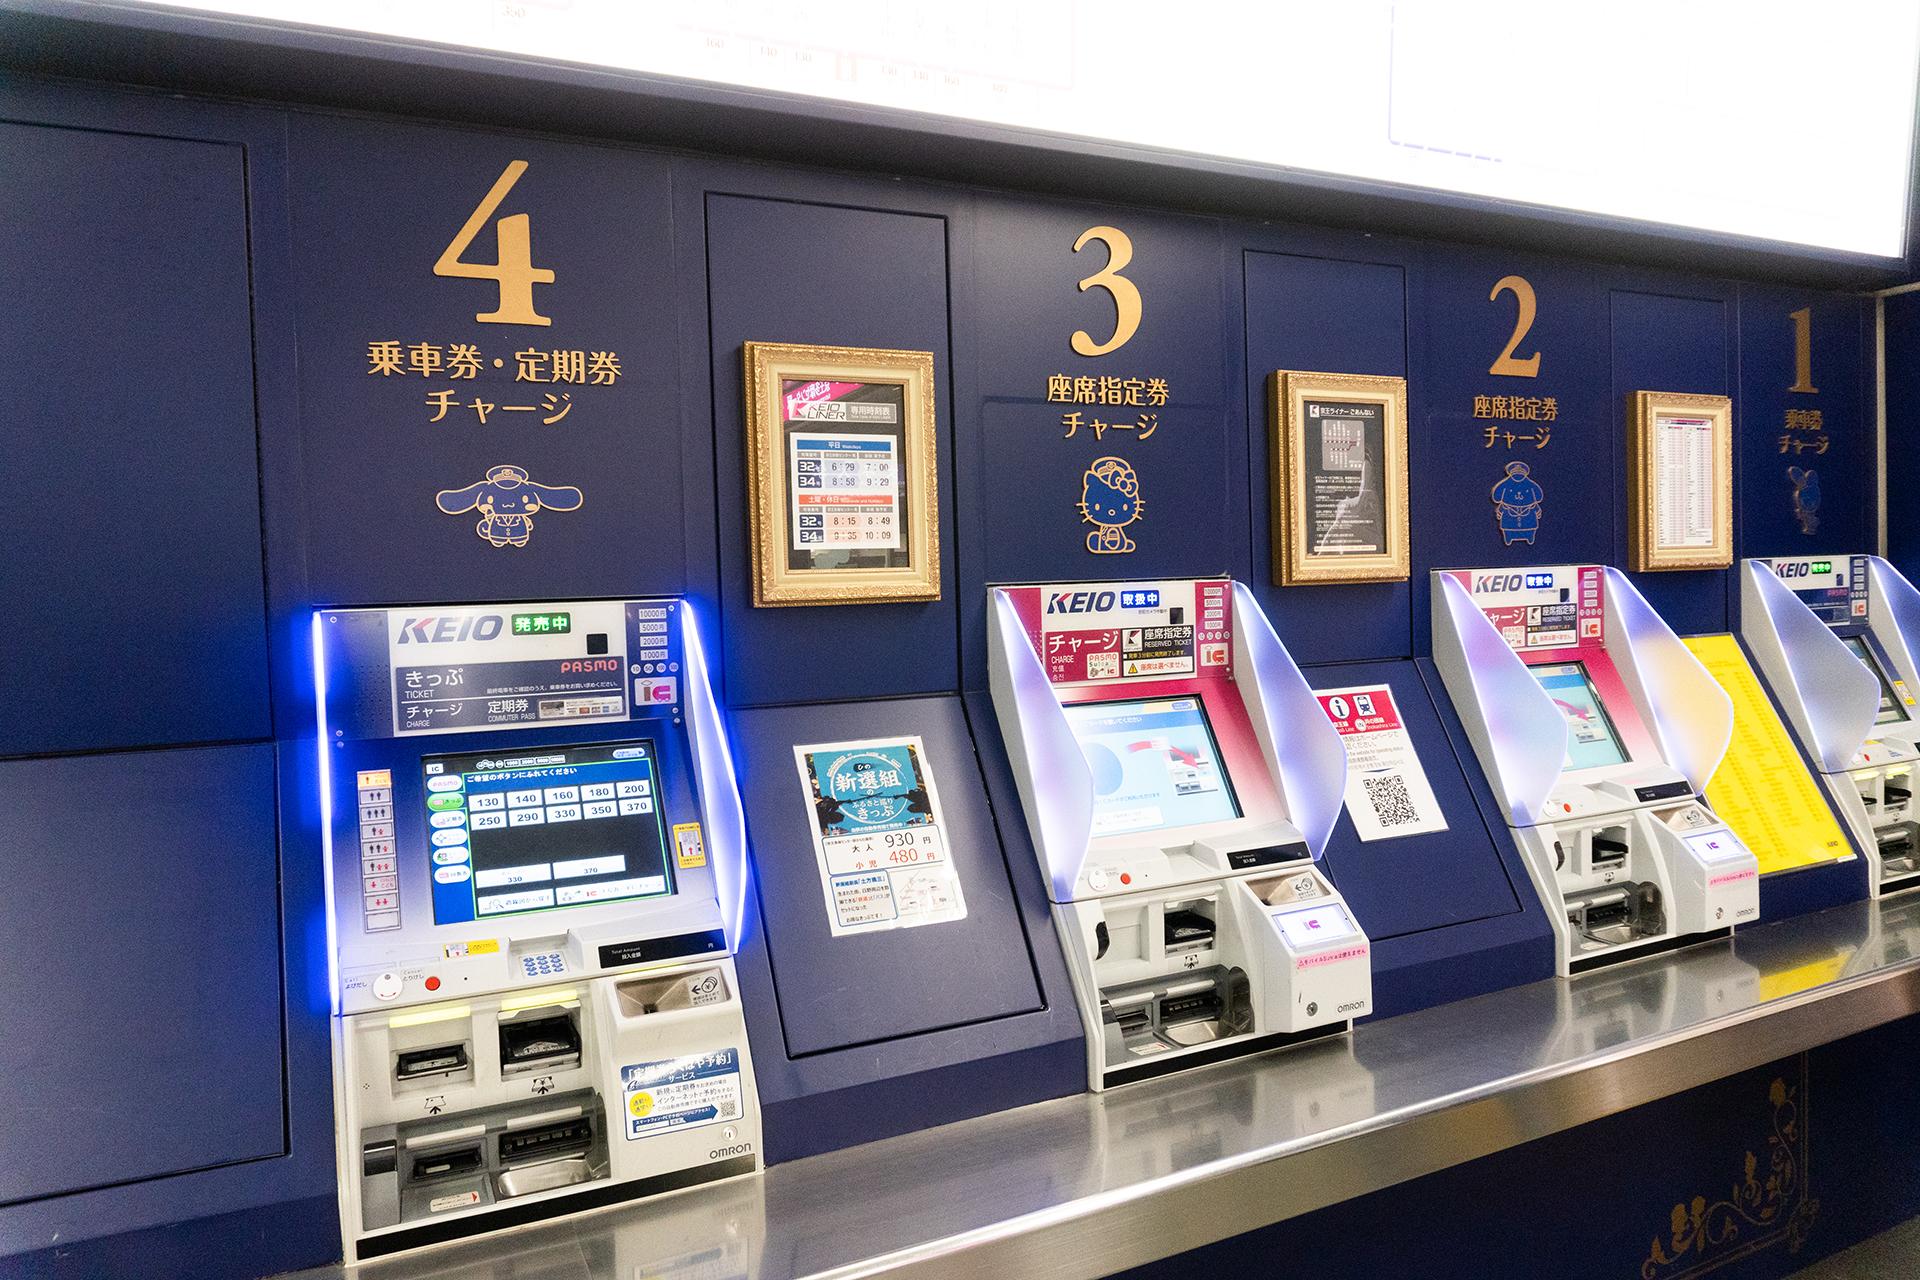 多摩センター駅毛印旛行き